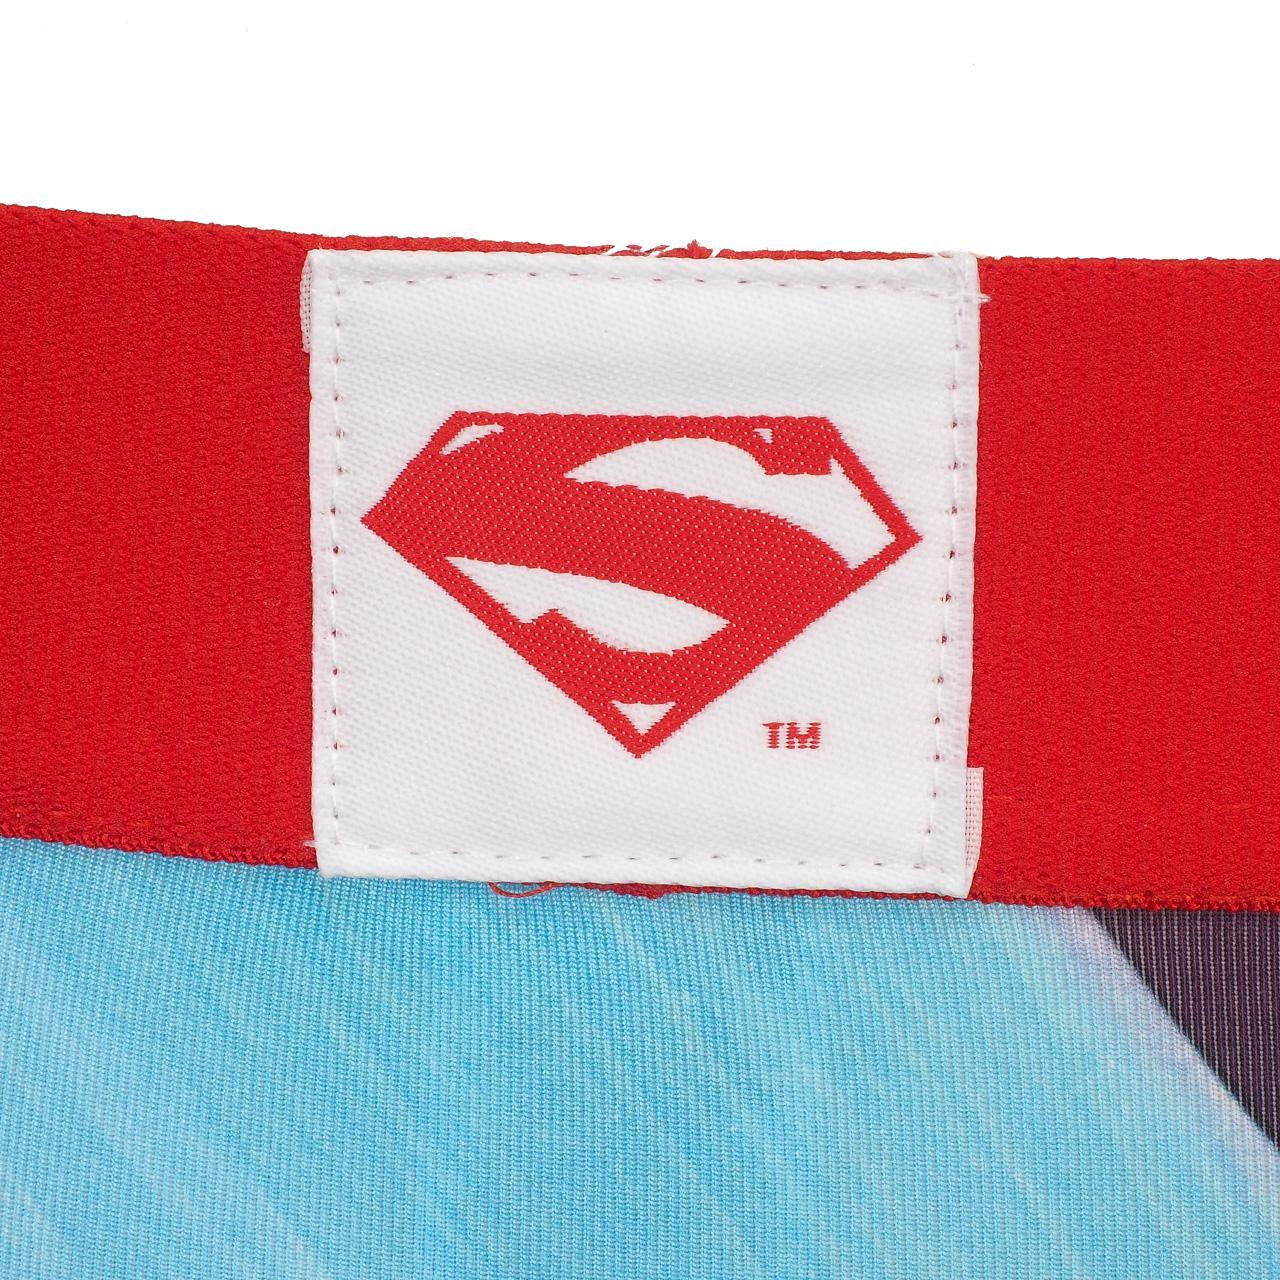 Underwear-Boxer-Freegun-Fly-Blue-Rge-Boxer-White-17911-New thumbnail 4